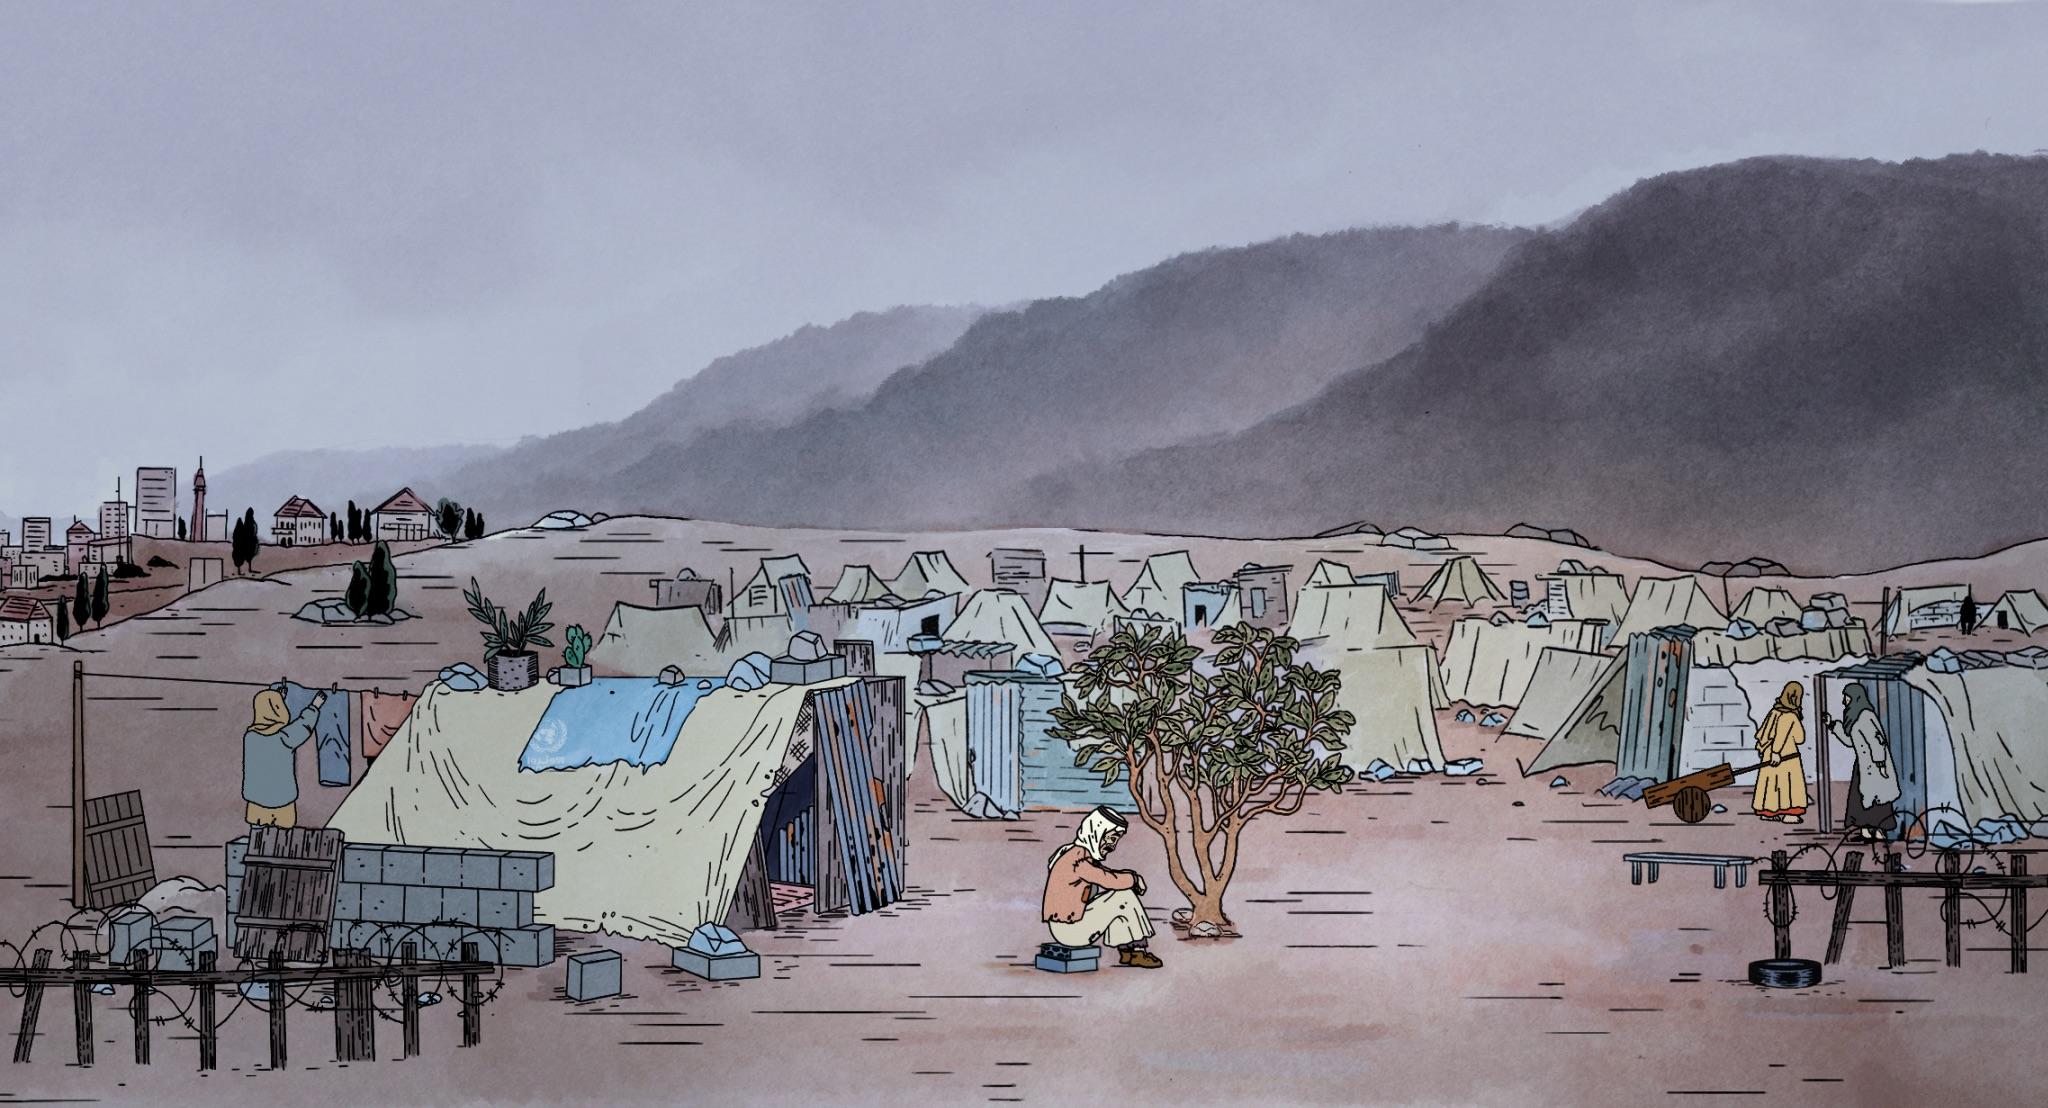 Det vokste opp telt på telt der oldefar Sidi slo seg ned etter fordrivelsen fra Palestina i 1948. Snart bodde det titusenvis av flyktninger i leiren Bourj al Baranej.